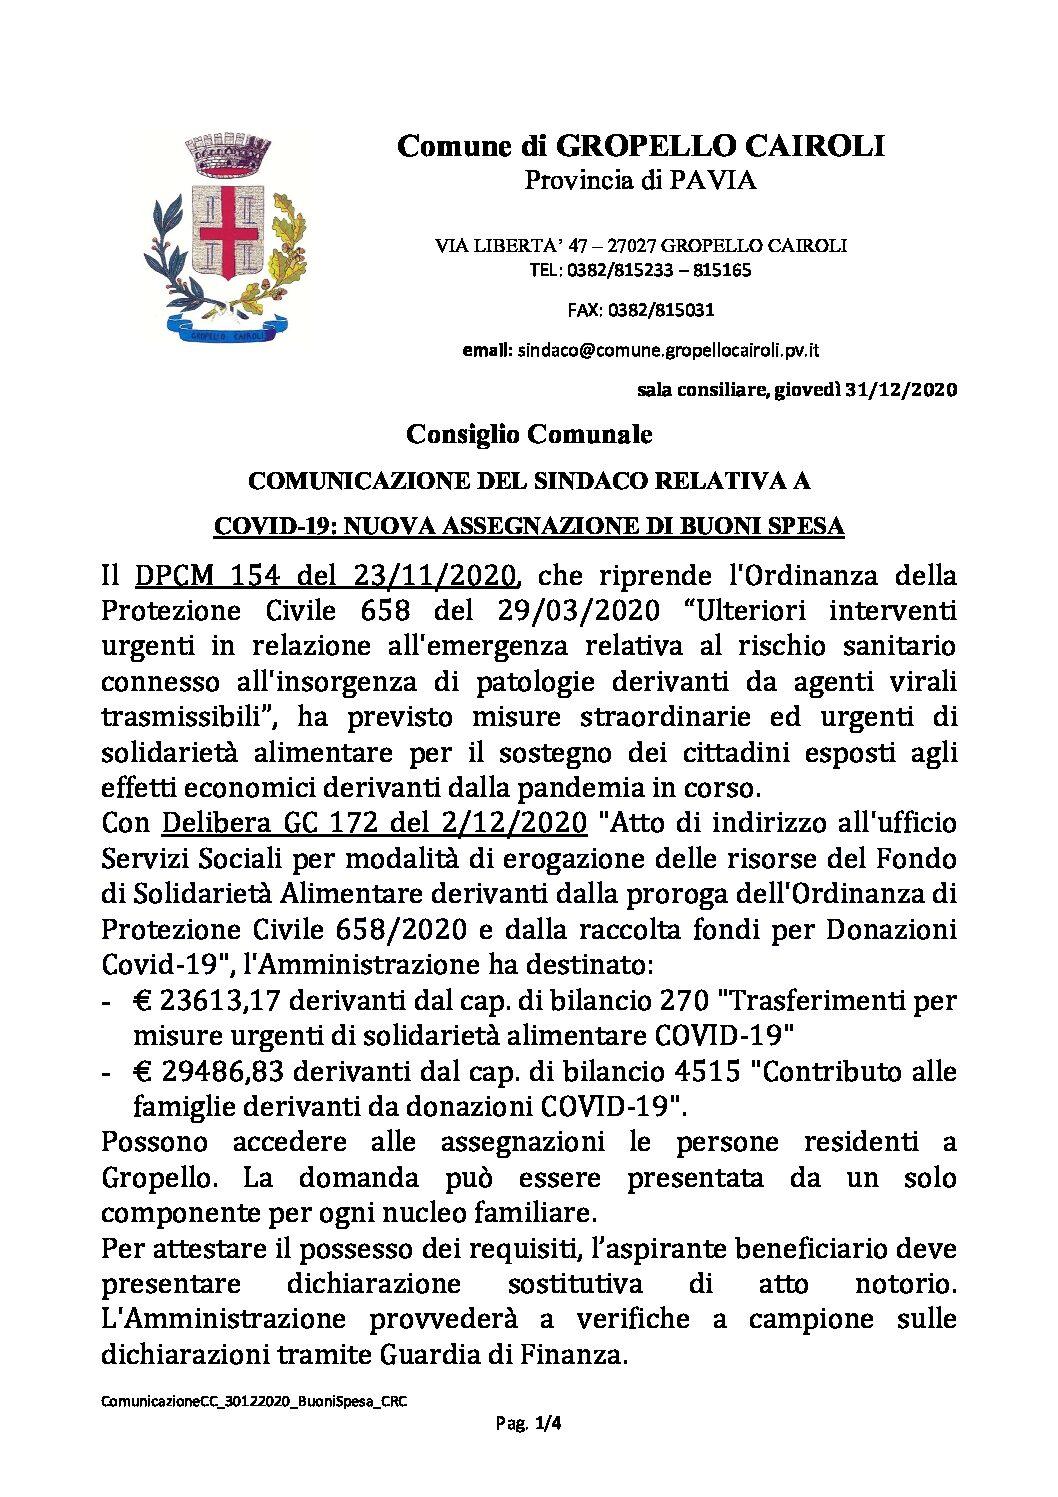 CONSIGLIO COMUNALE: COMUNICAZIONE DEL SINDACO RELATIVA A COVID-19, NUOVA ASSEGNAZIONE DI BUONI SPESA